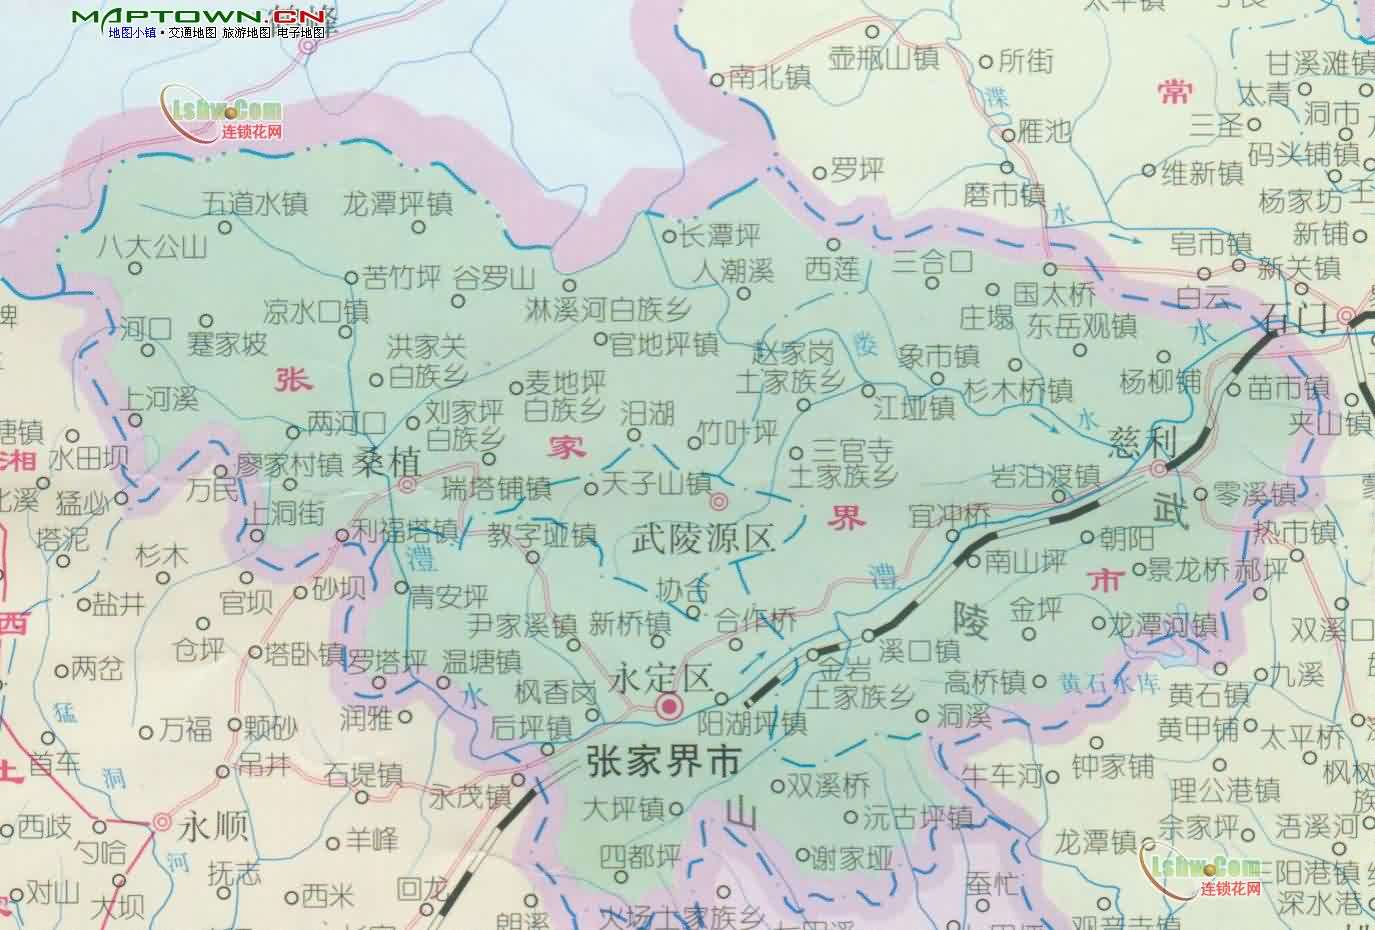 張家界市地図